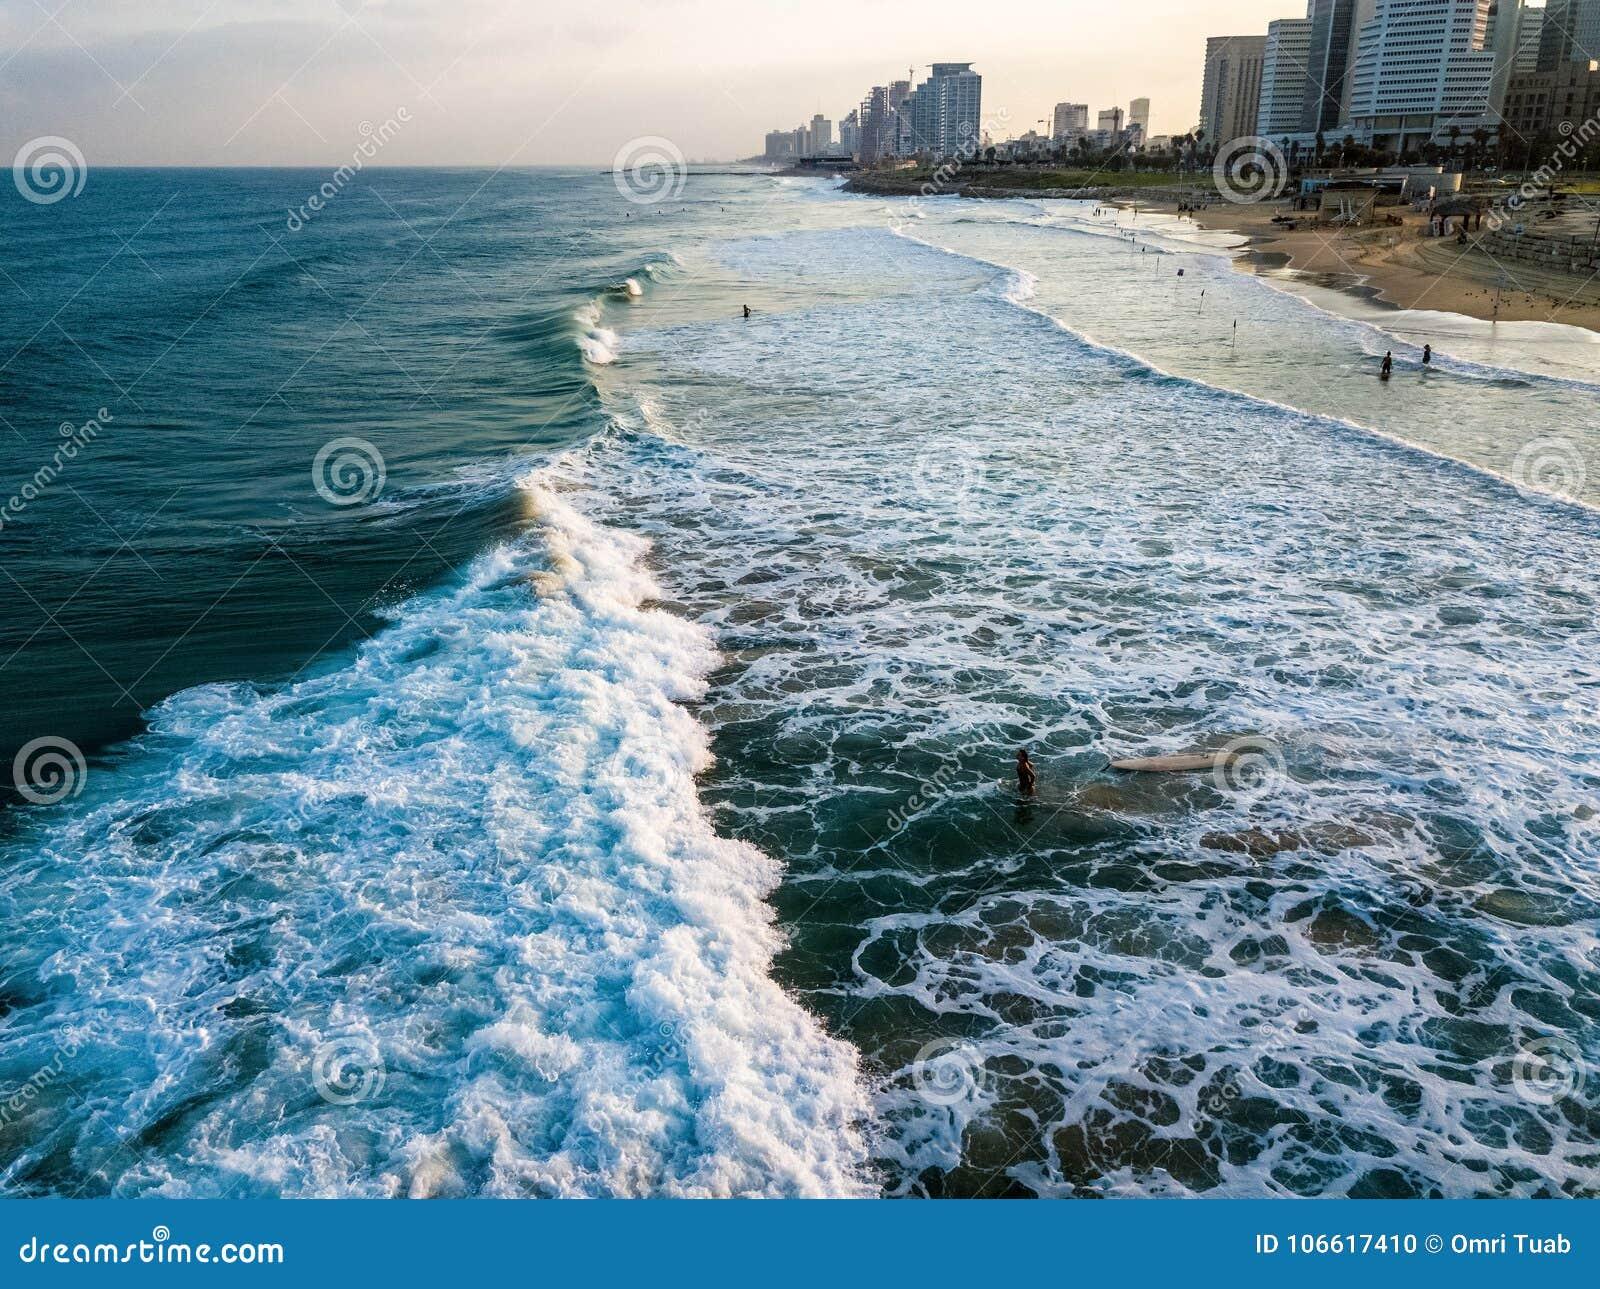 的冲浪者面对波浪的寄生虫观点